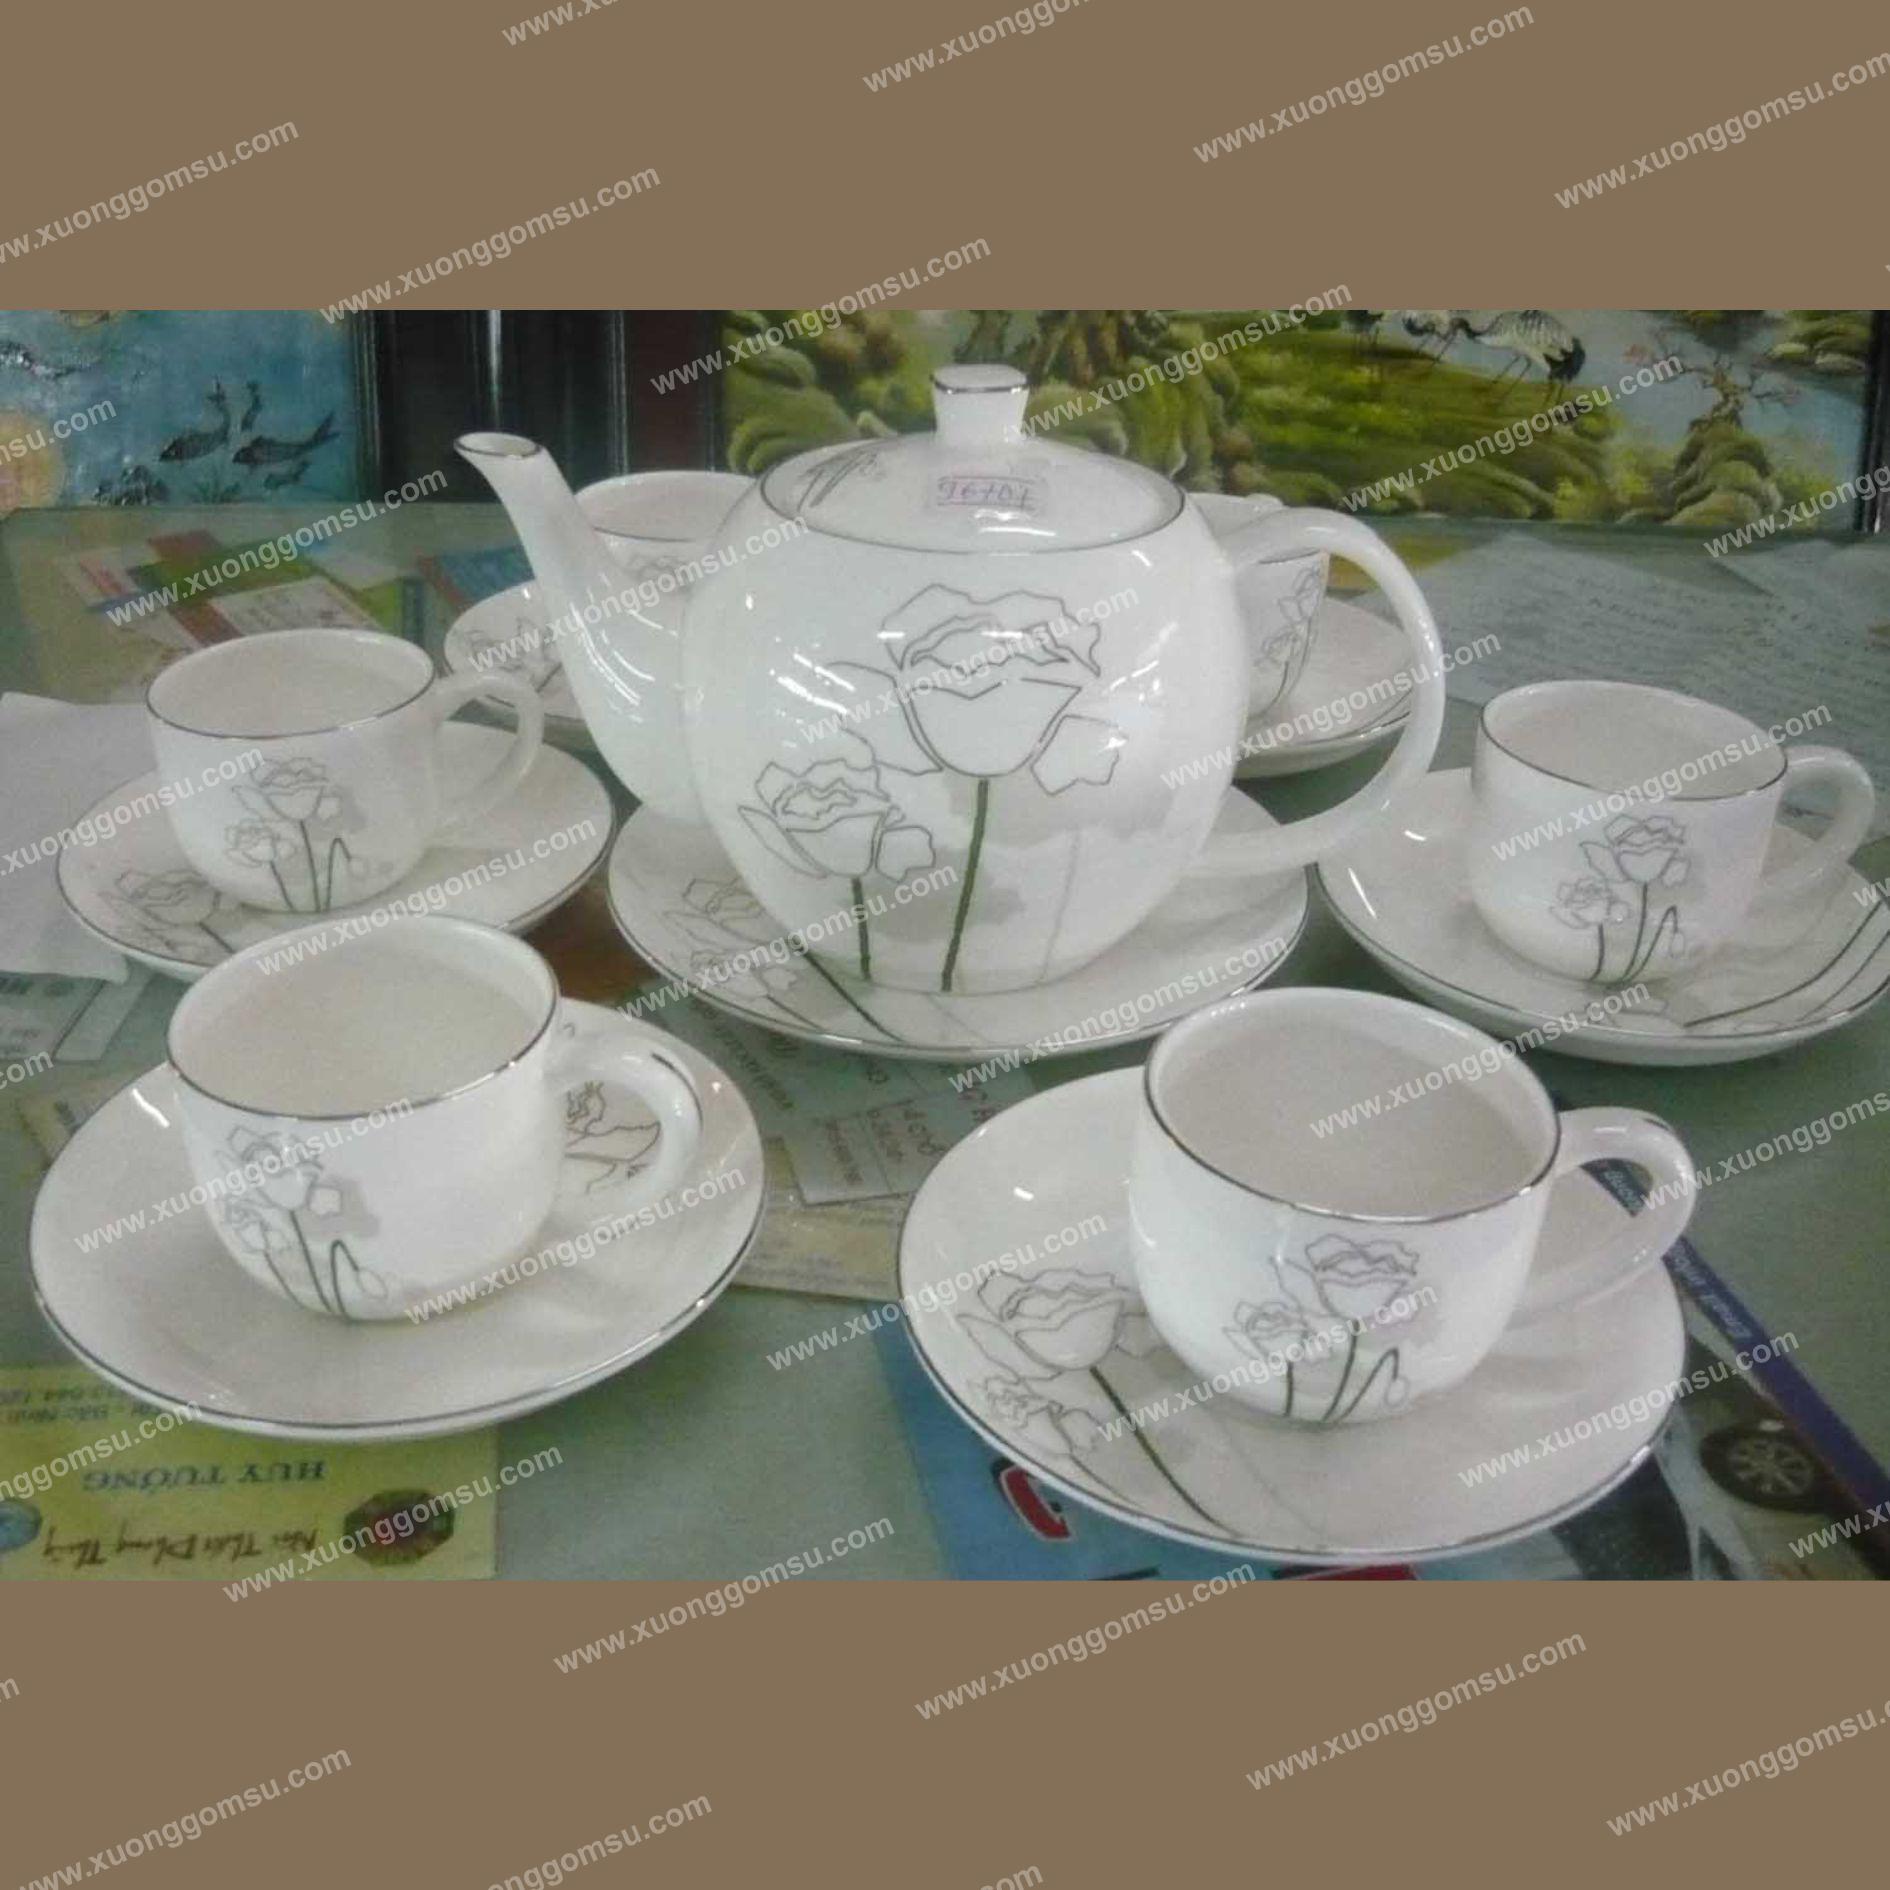 ấm trà hoa văn